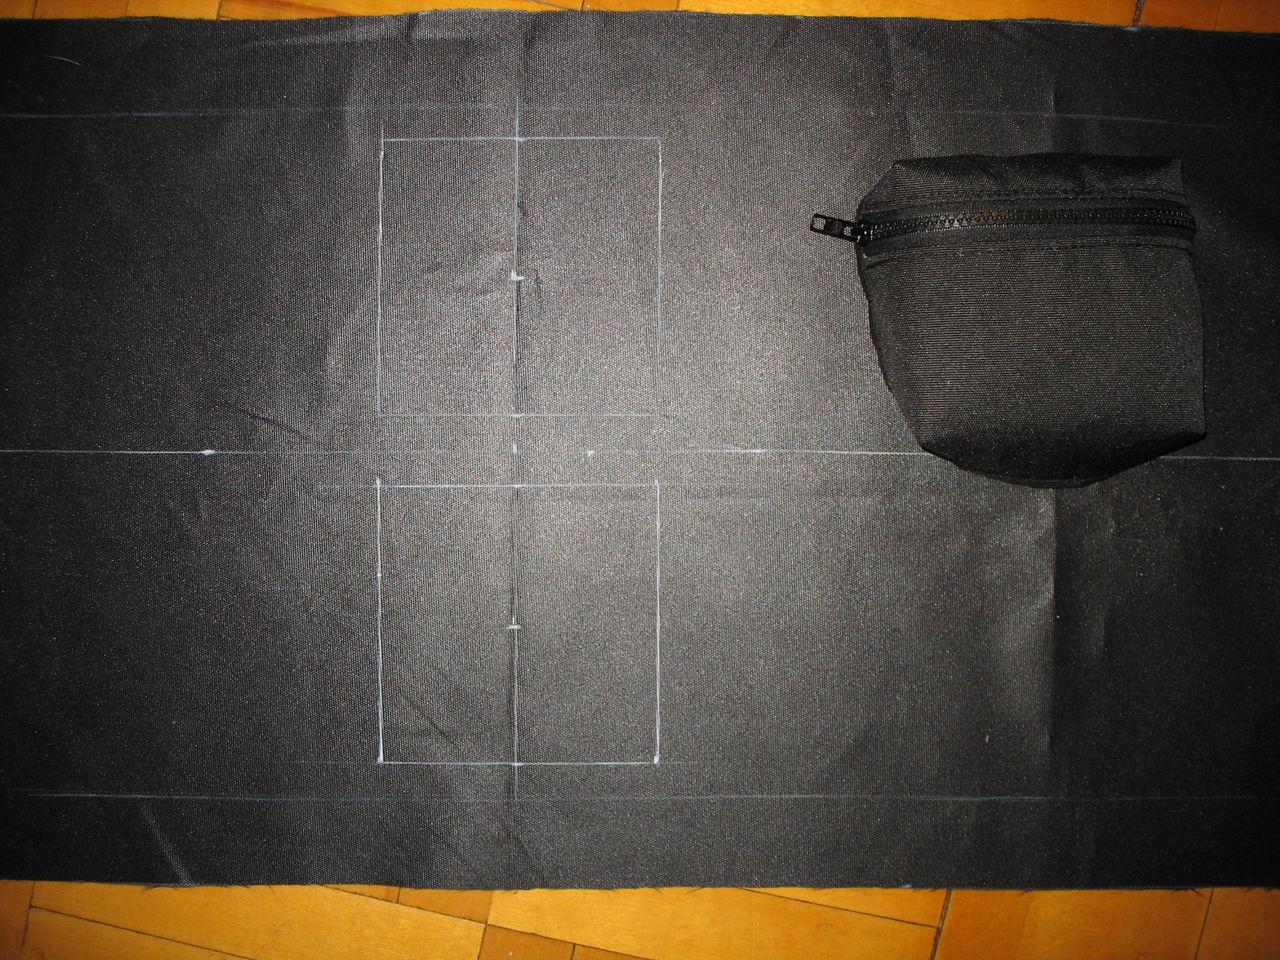 Выкройка для чехла пневматической винтовки фото 783